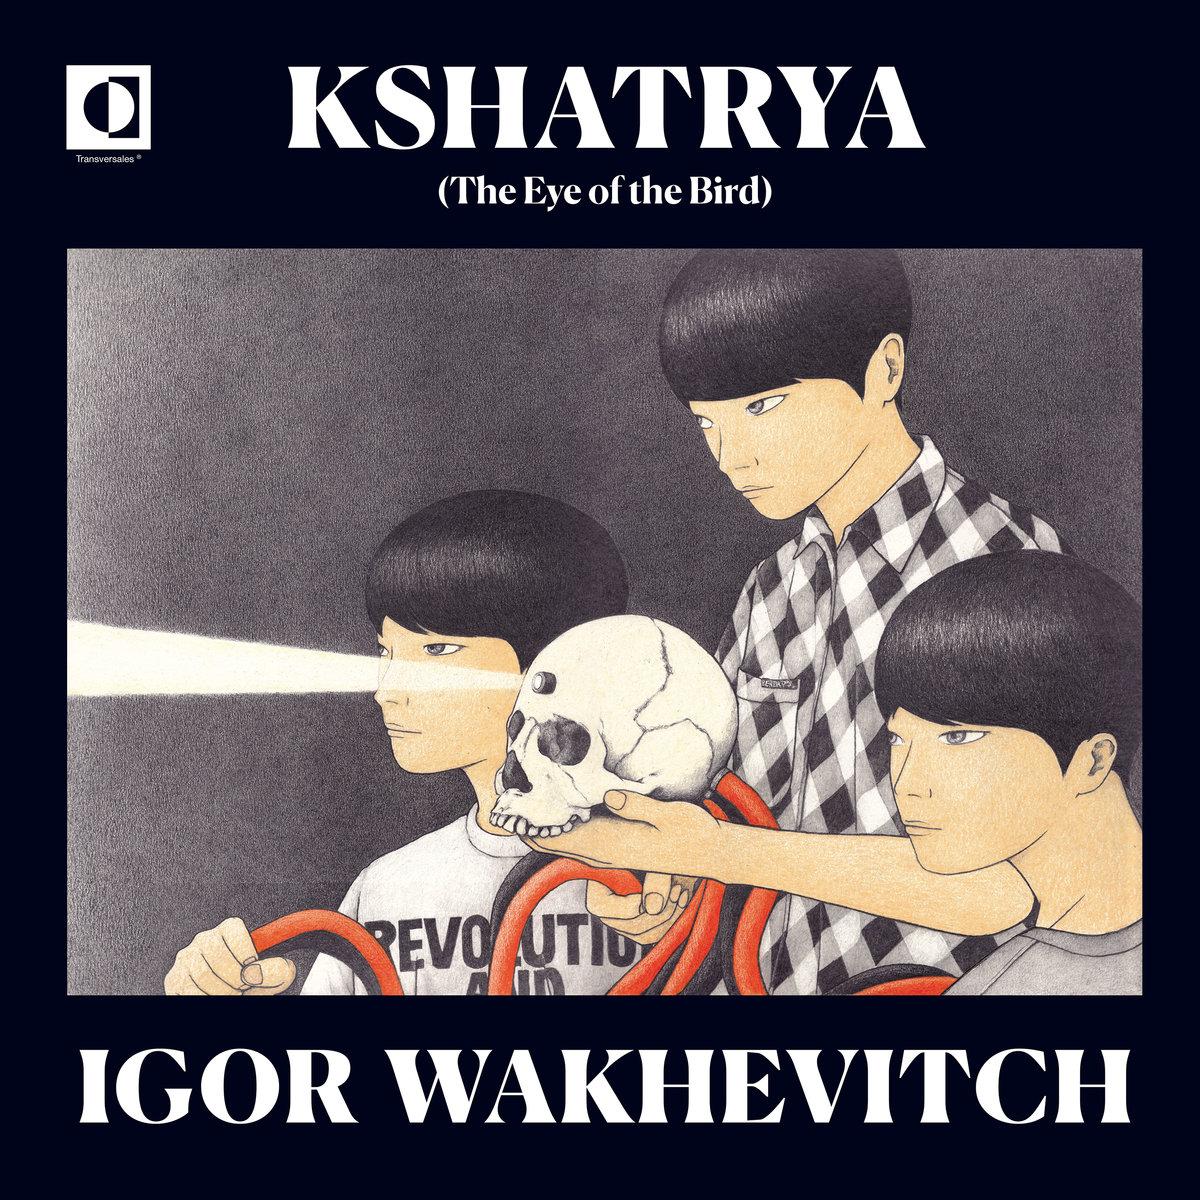 Igor Wakhevitch Kshatrya